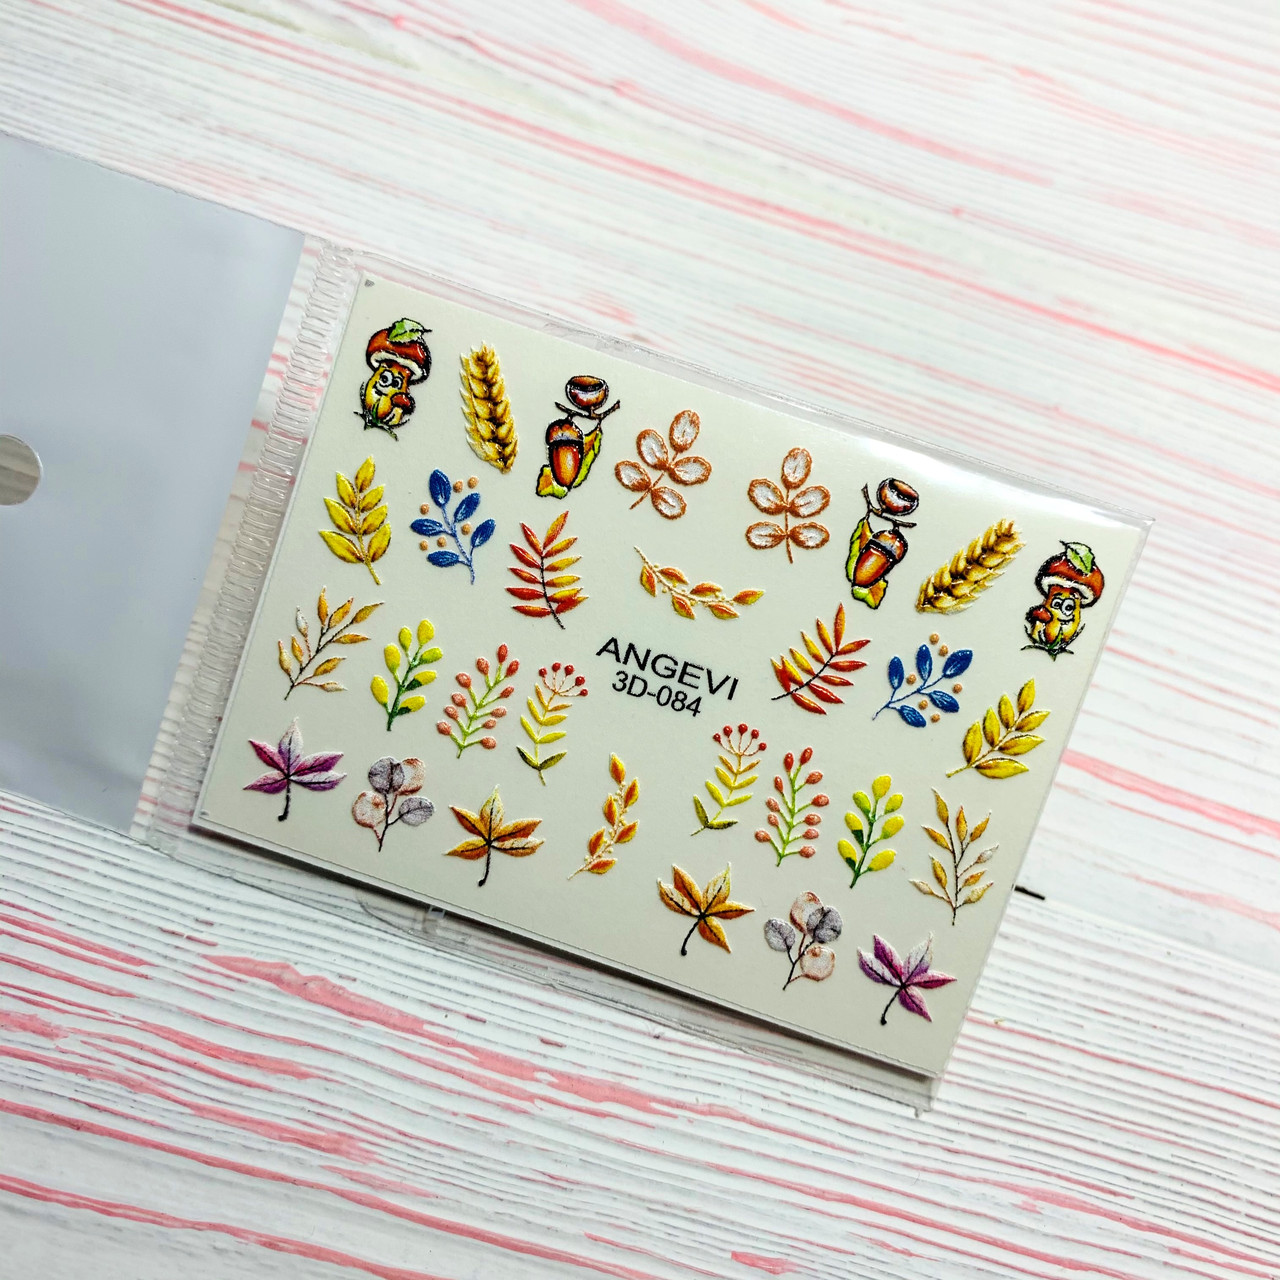 Слайдер-дизайн ОСЕНЬ для ногтей ANGEVI 3Dslider 084